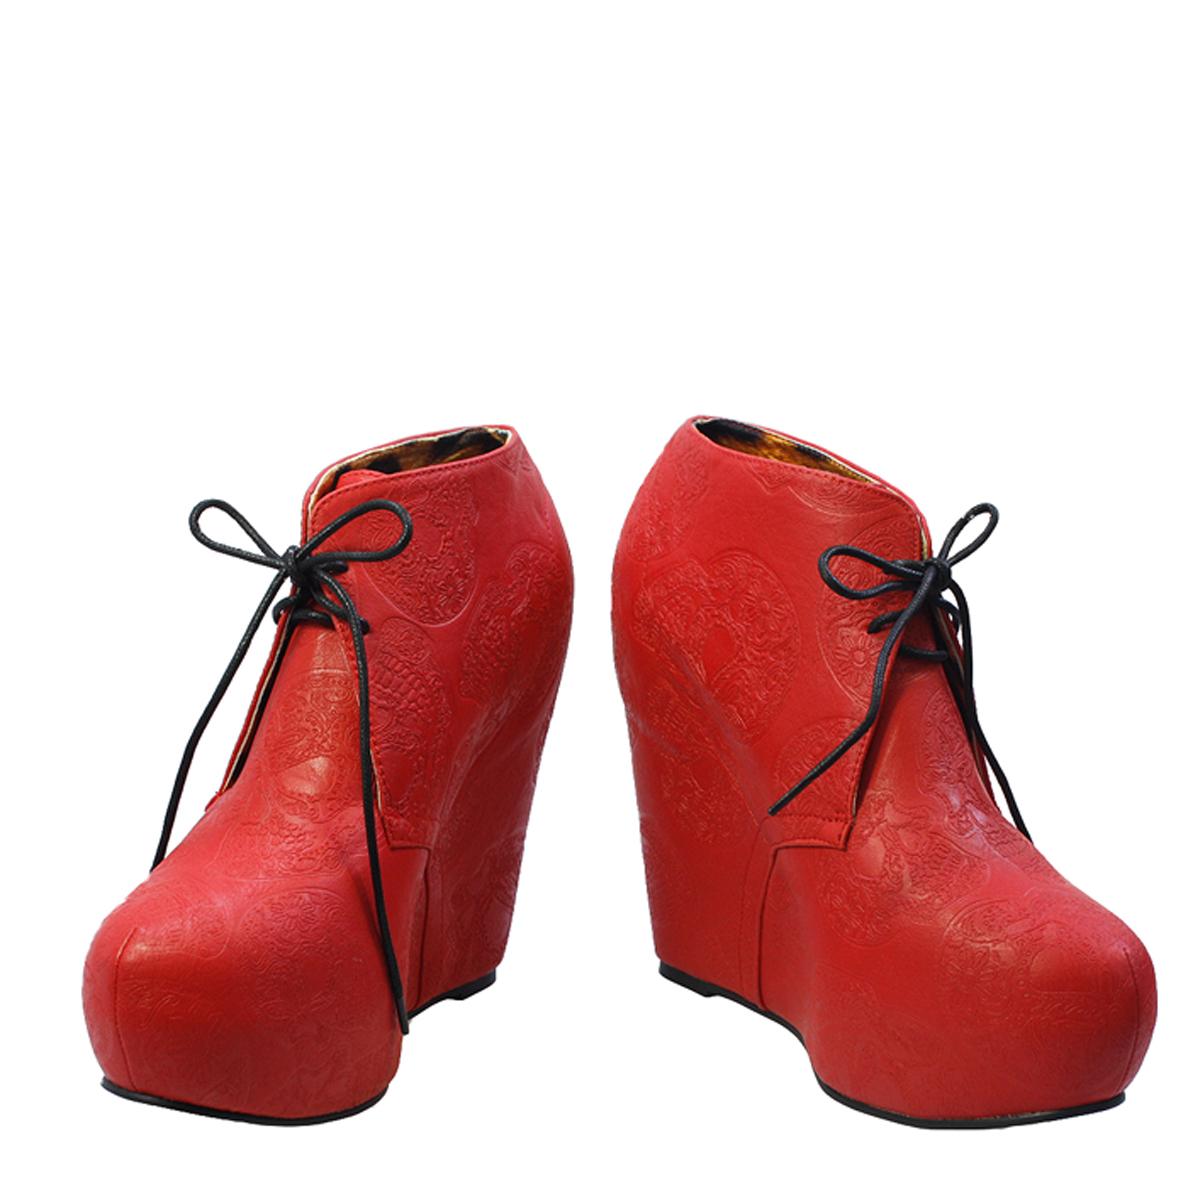 Iron Fist Wedge Shoes Uk